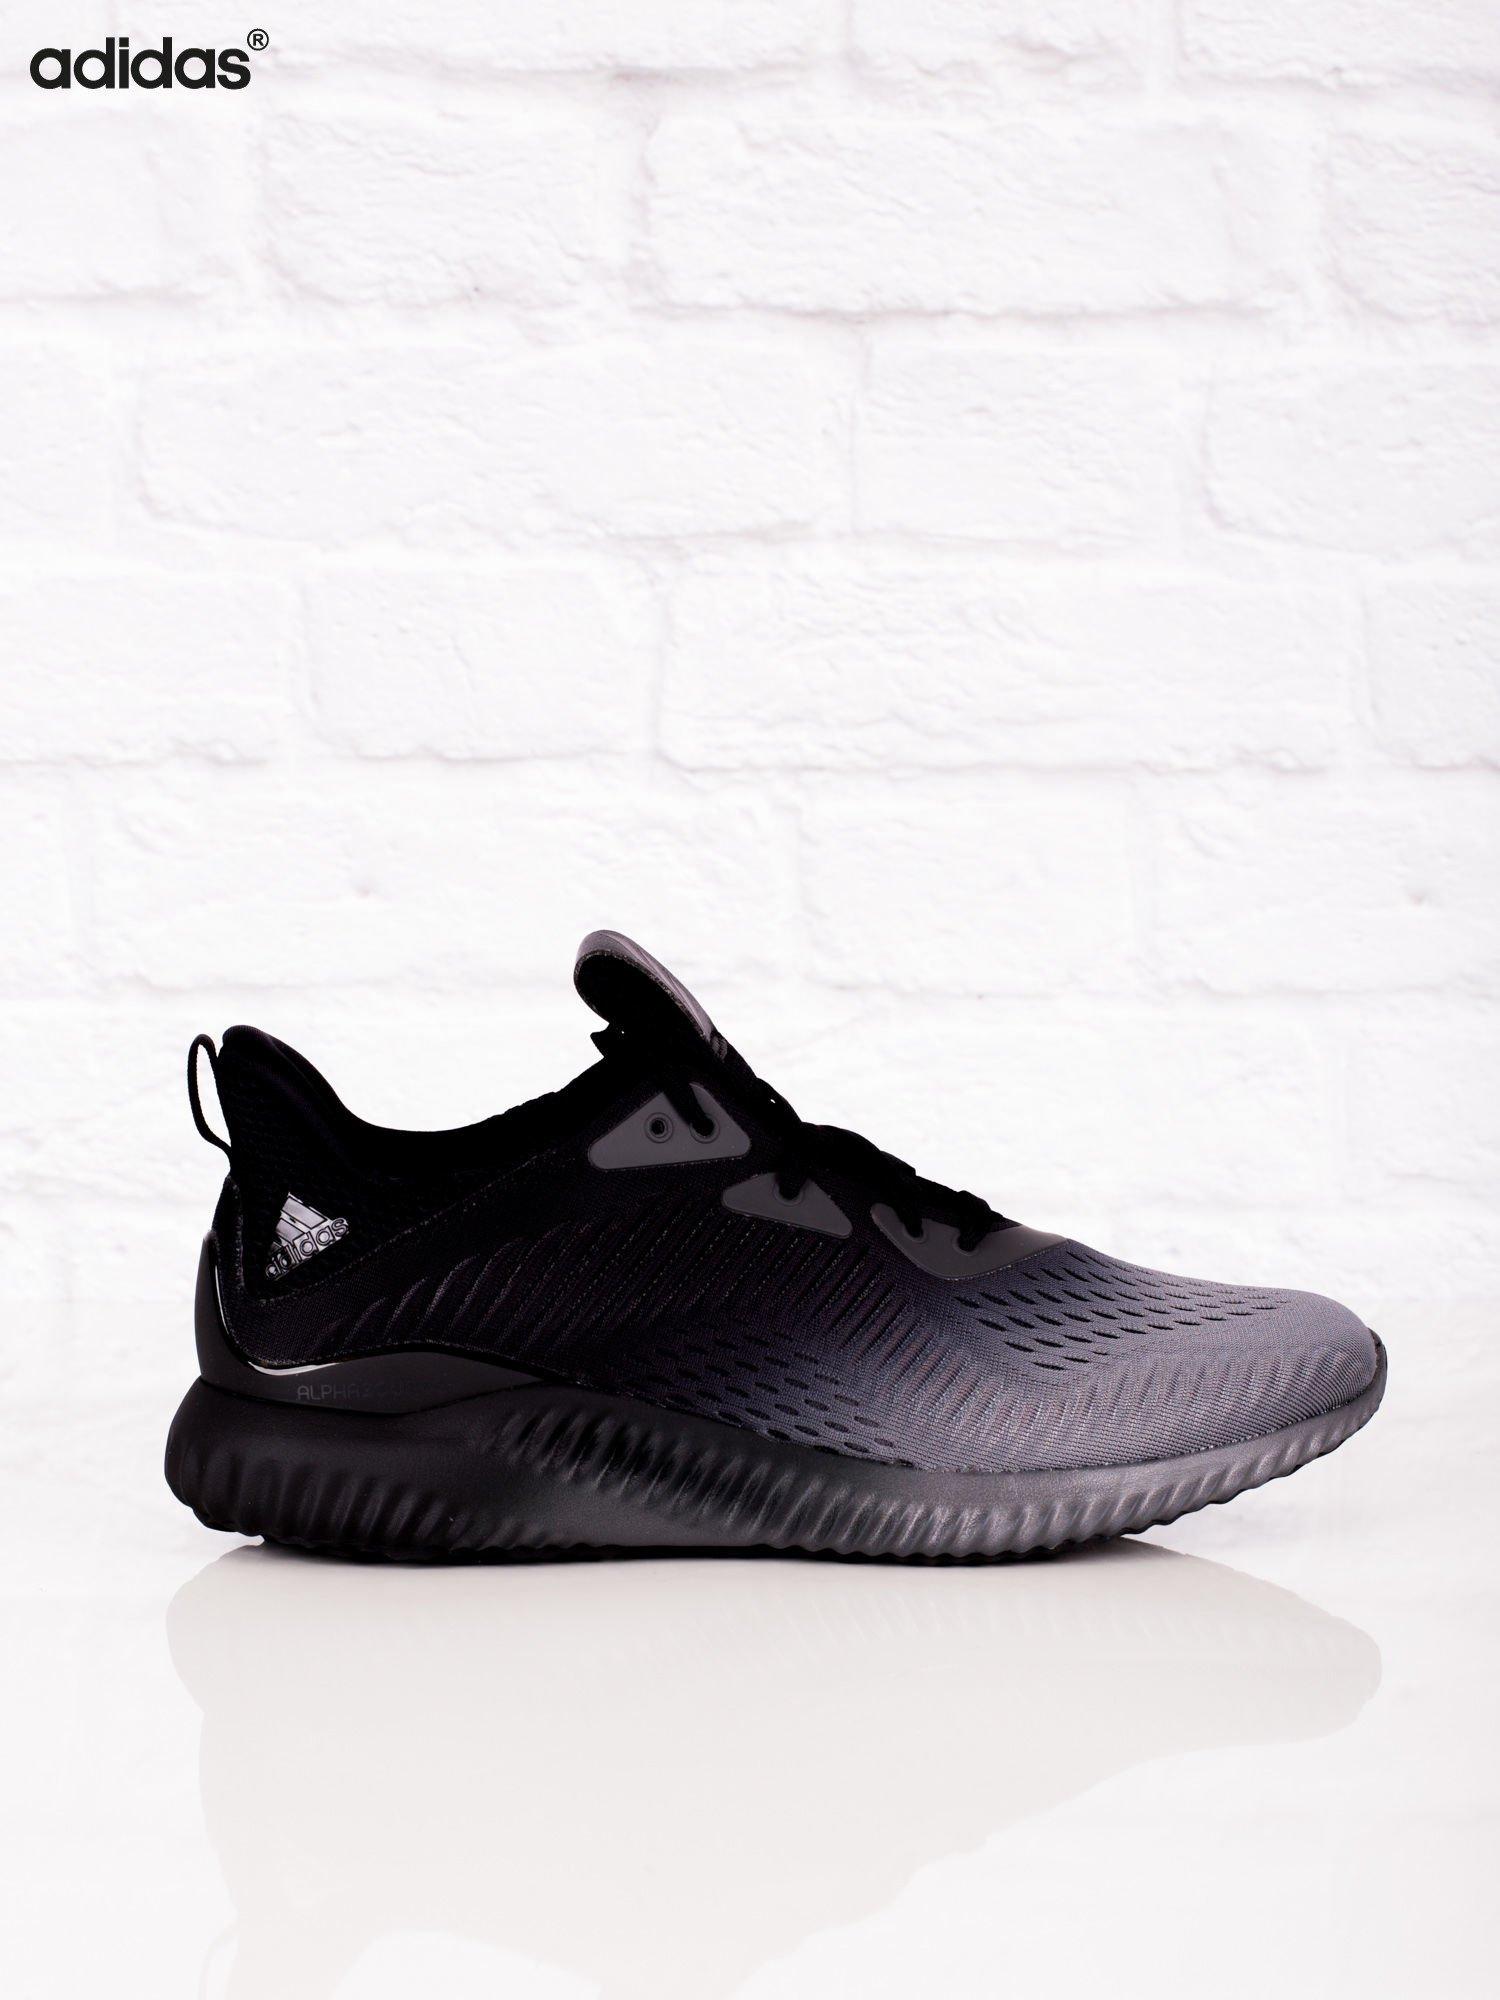 2c116502a83b59 ADIDAS Czarne buty sportowe męskie alphabounce EM - Mężczyźni Buty ...